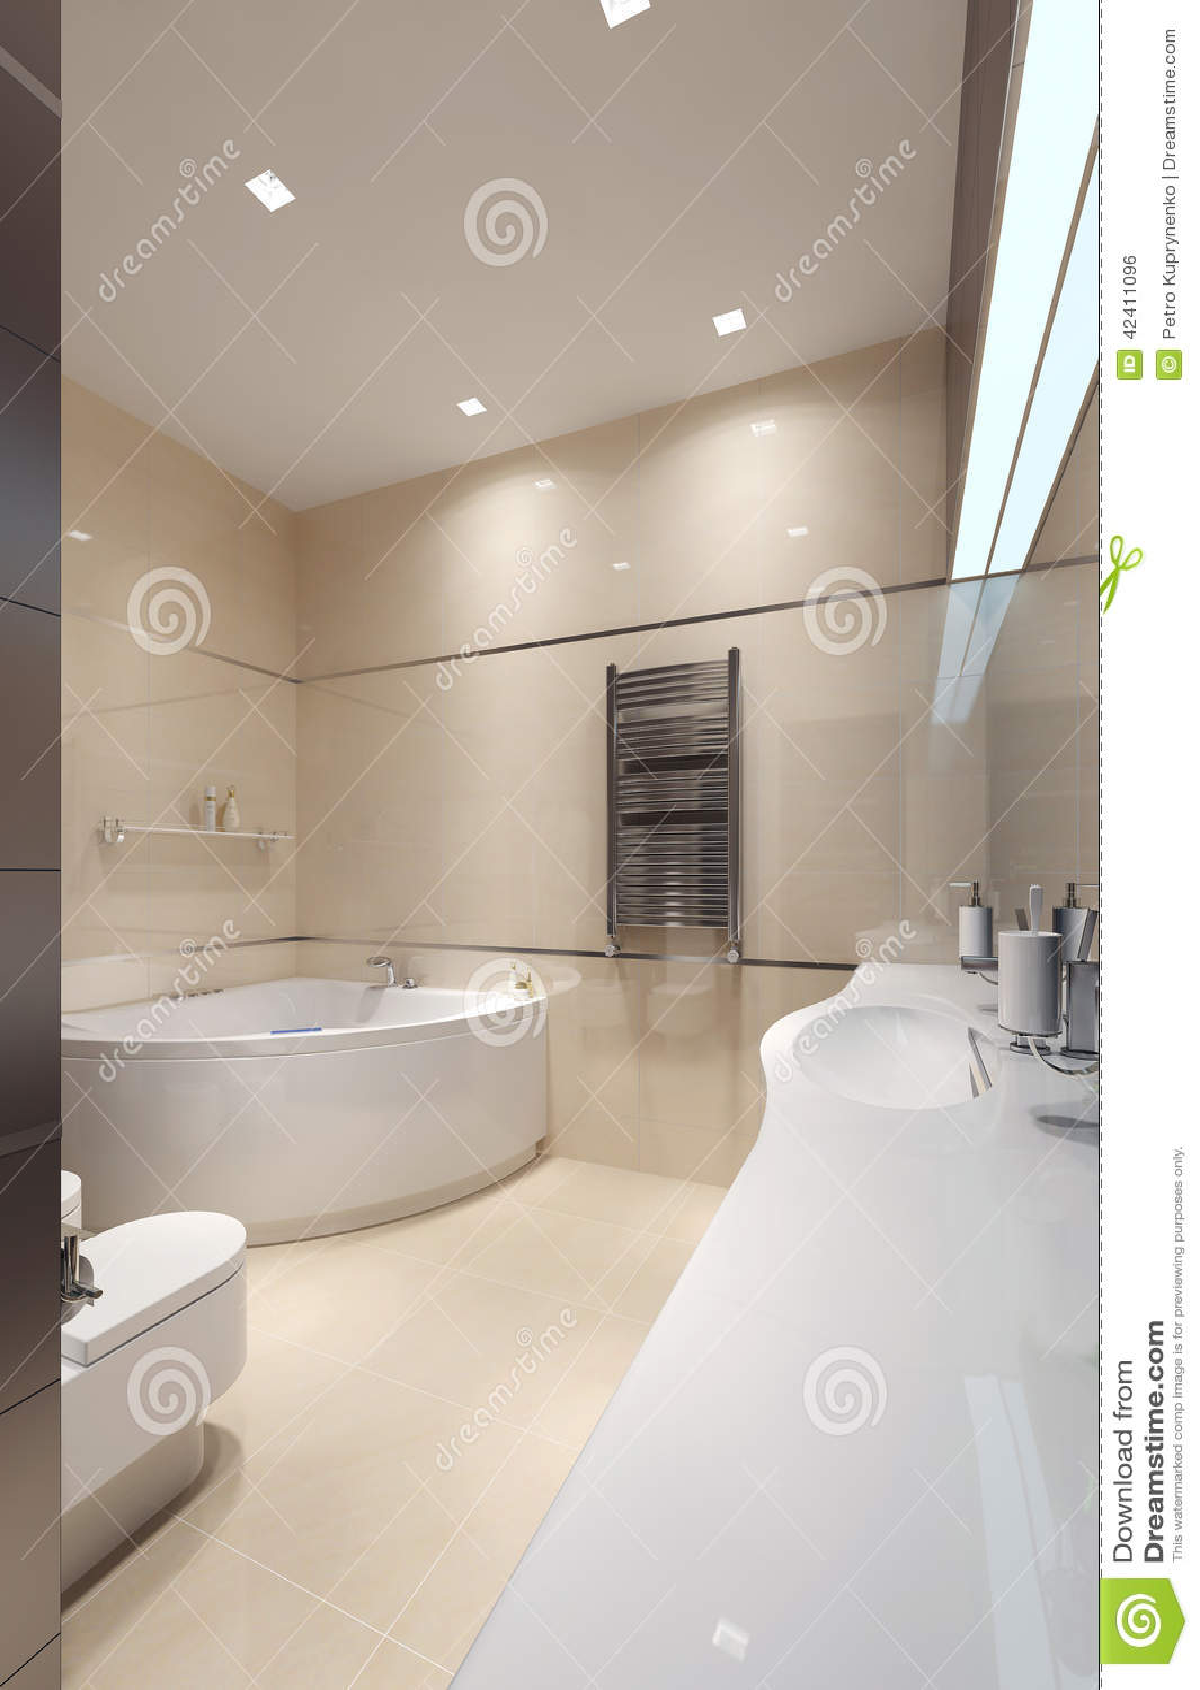 Cuarto de ba o en estilo moderno - Cuarto de bano moderno ...